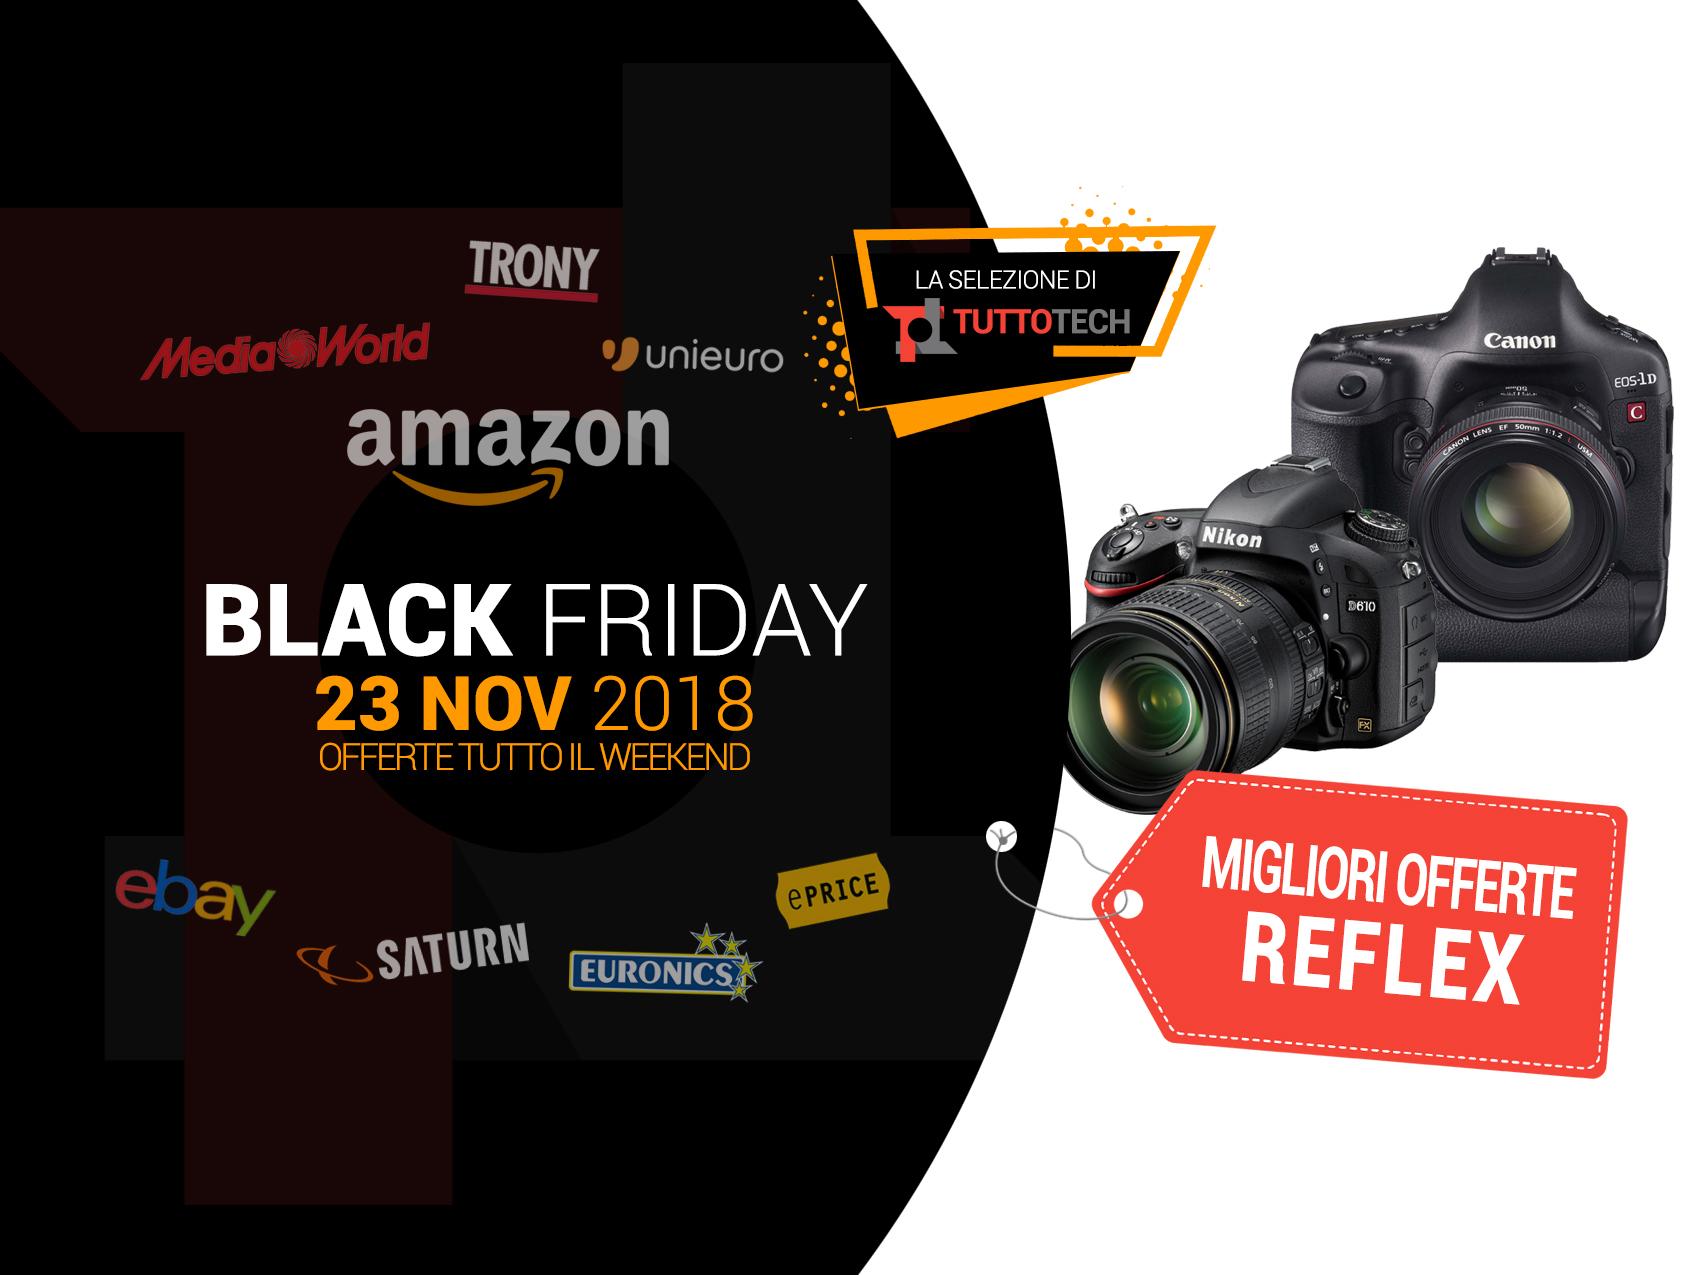 Reflex Black Friday: le migliori offerte in tempo reale | TuttoTech.net